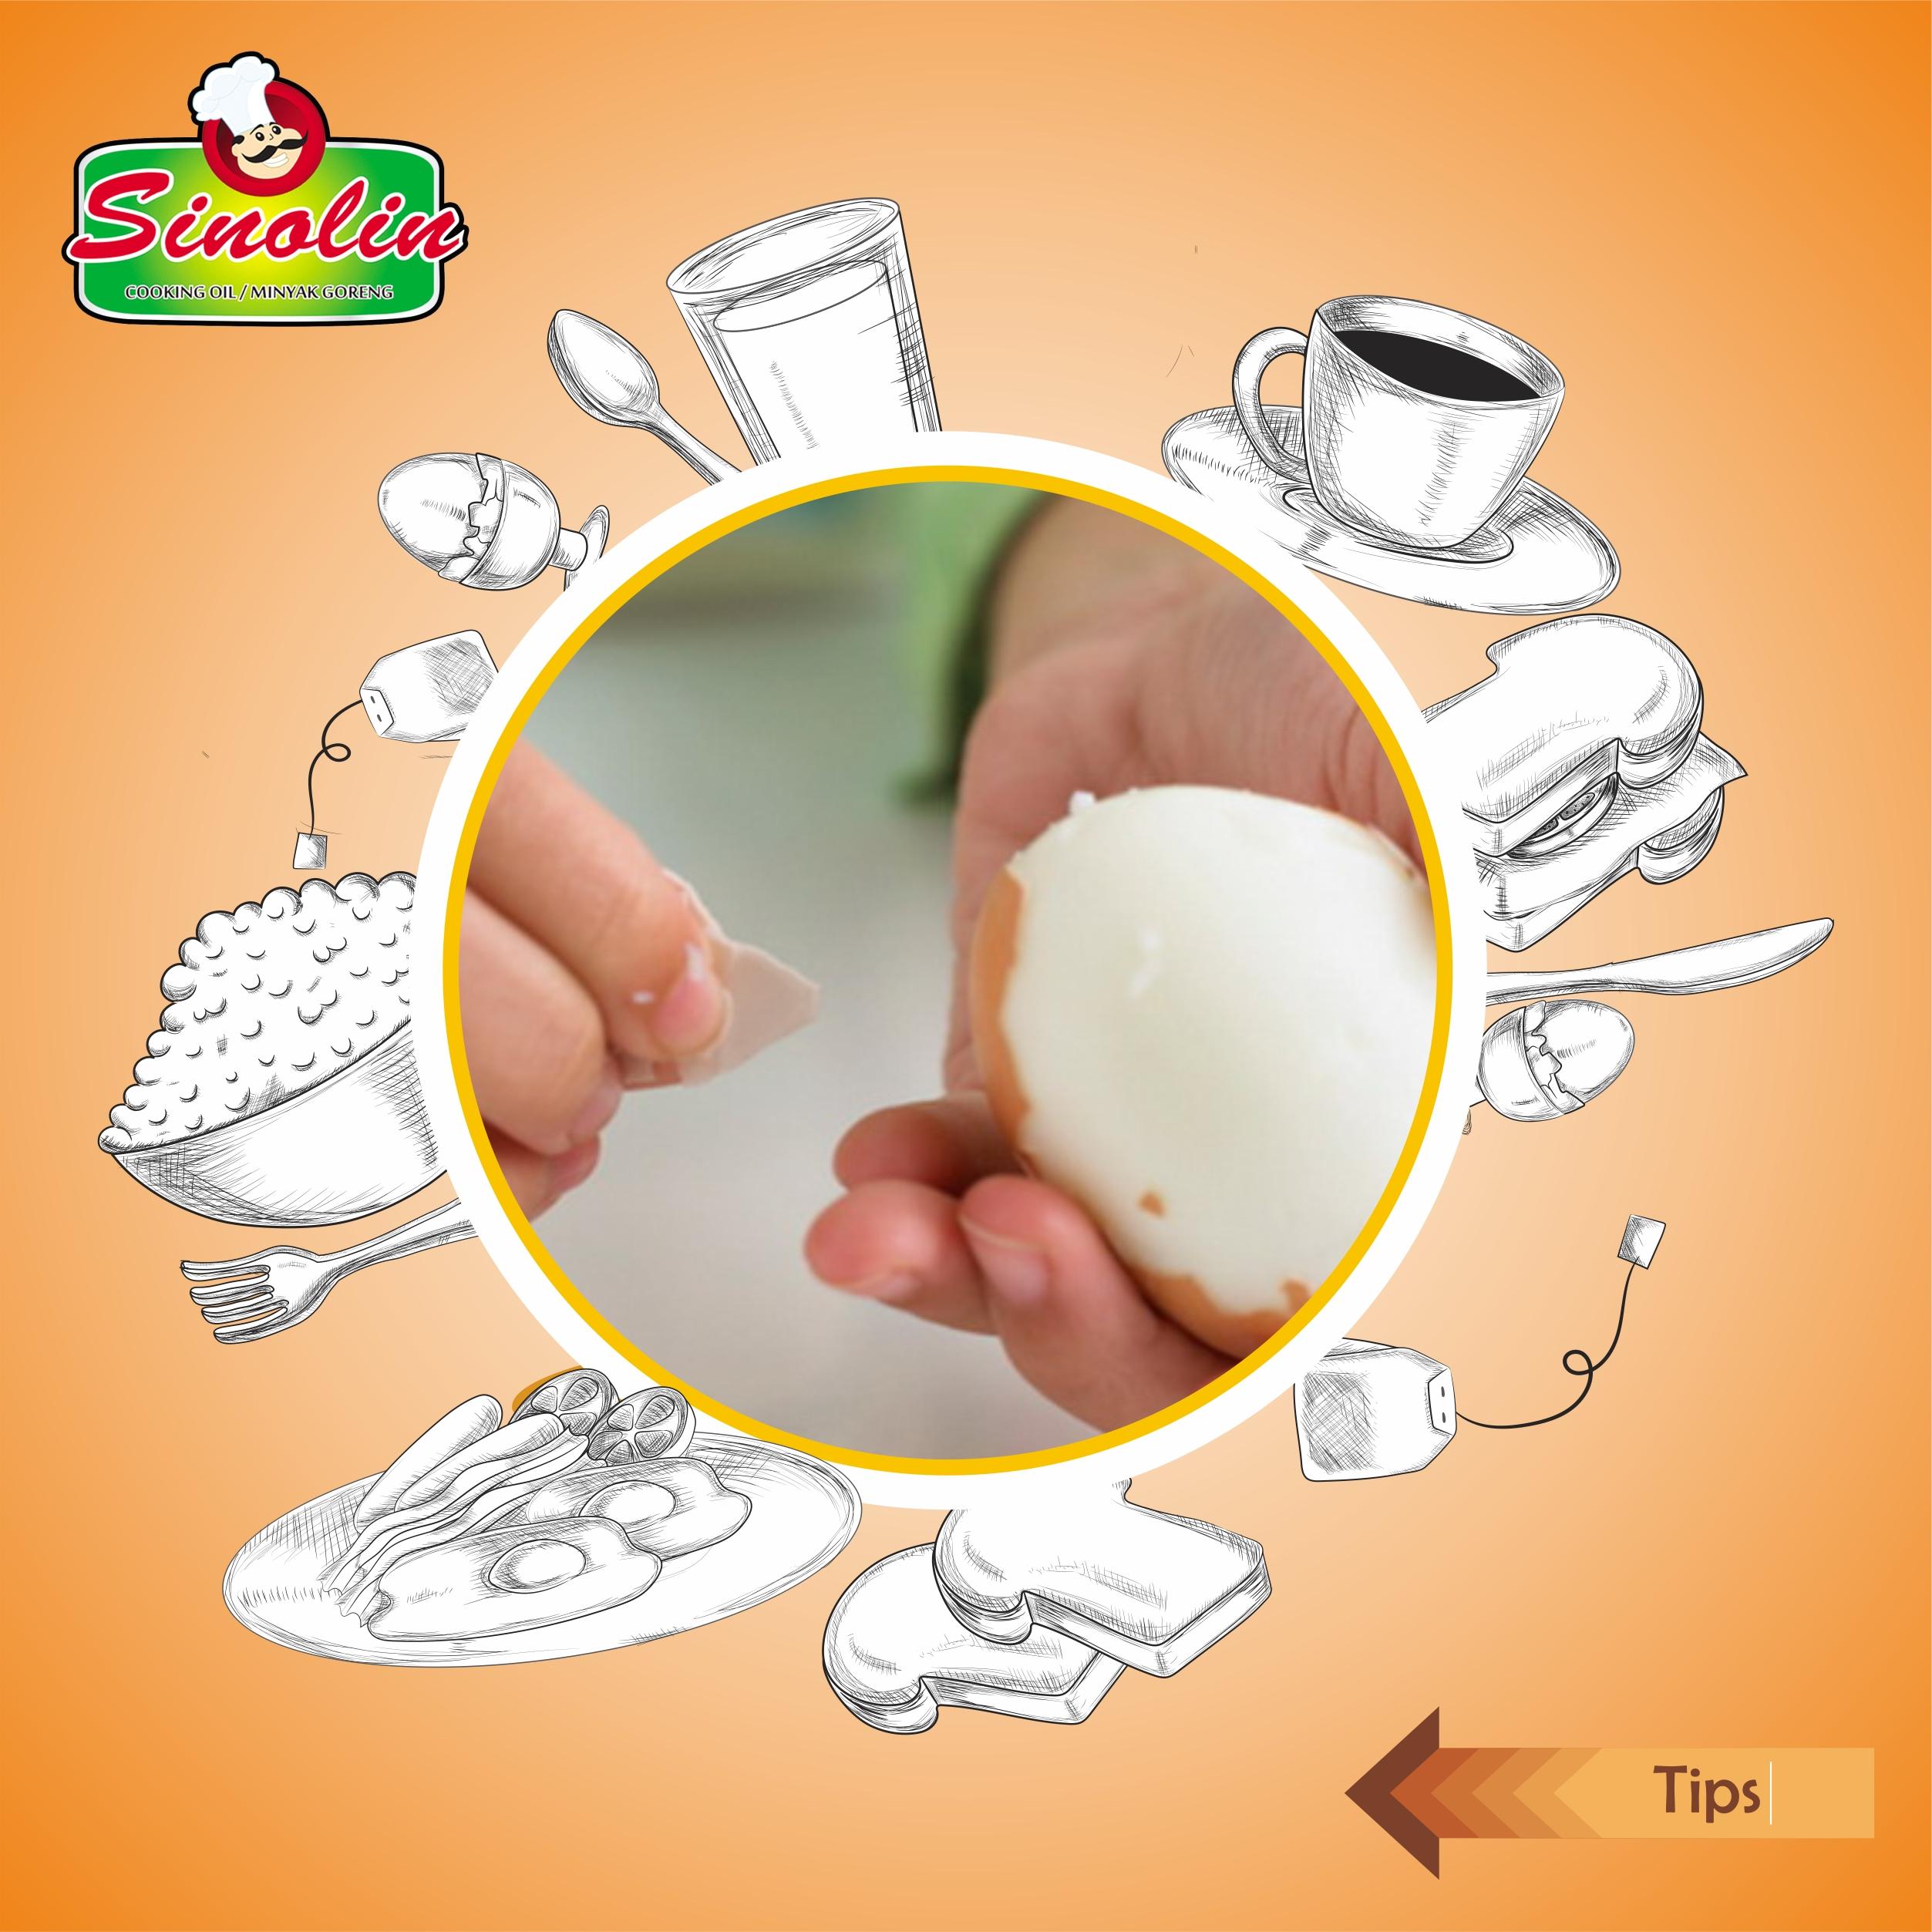 Tips Mudah Mengupas Telur Untuk Menjadi Makanan Lezat oleh Dapur Sinolin